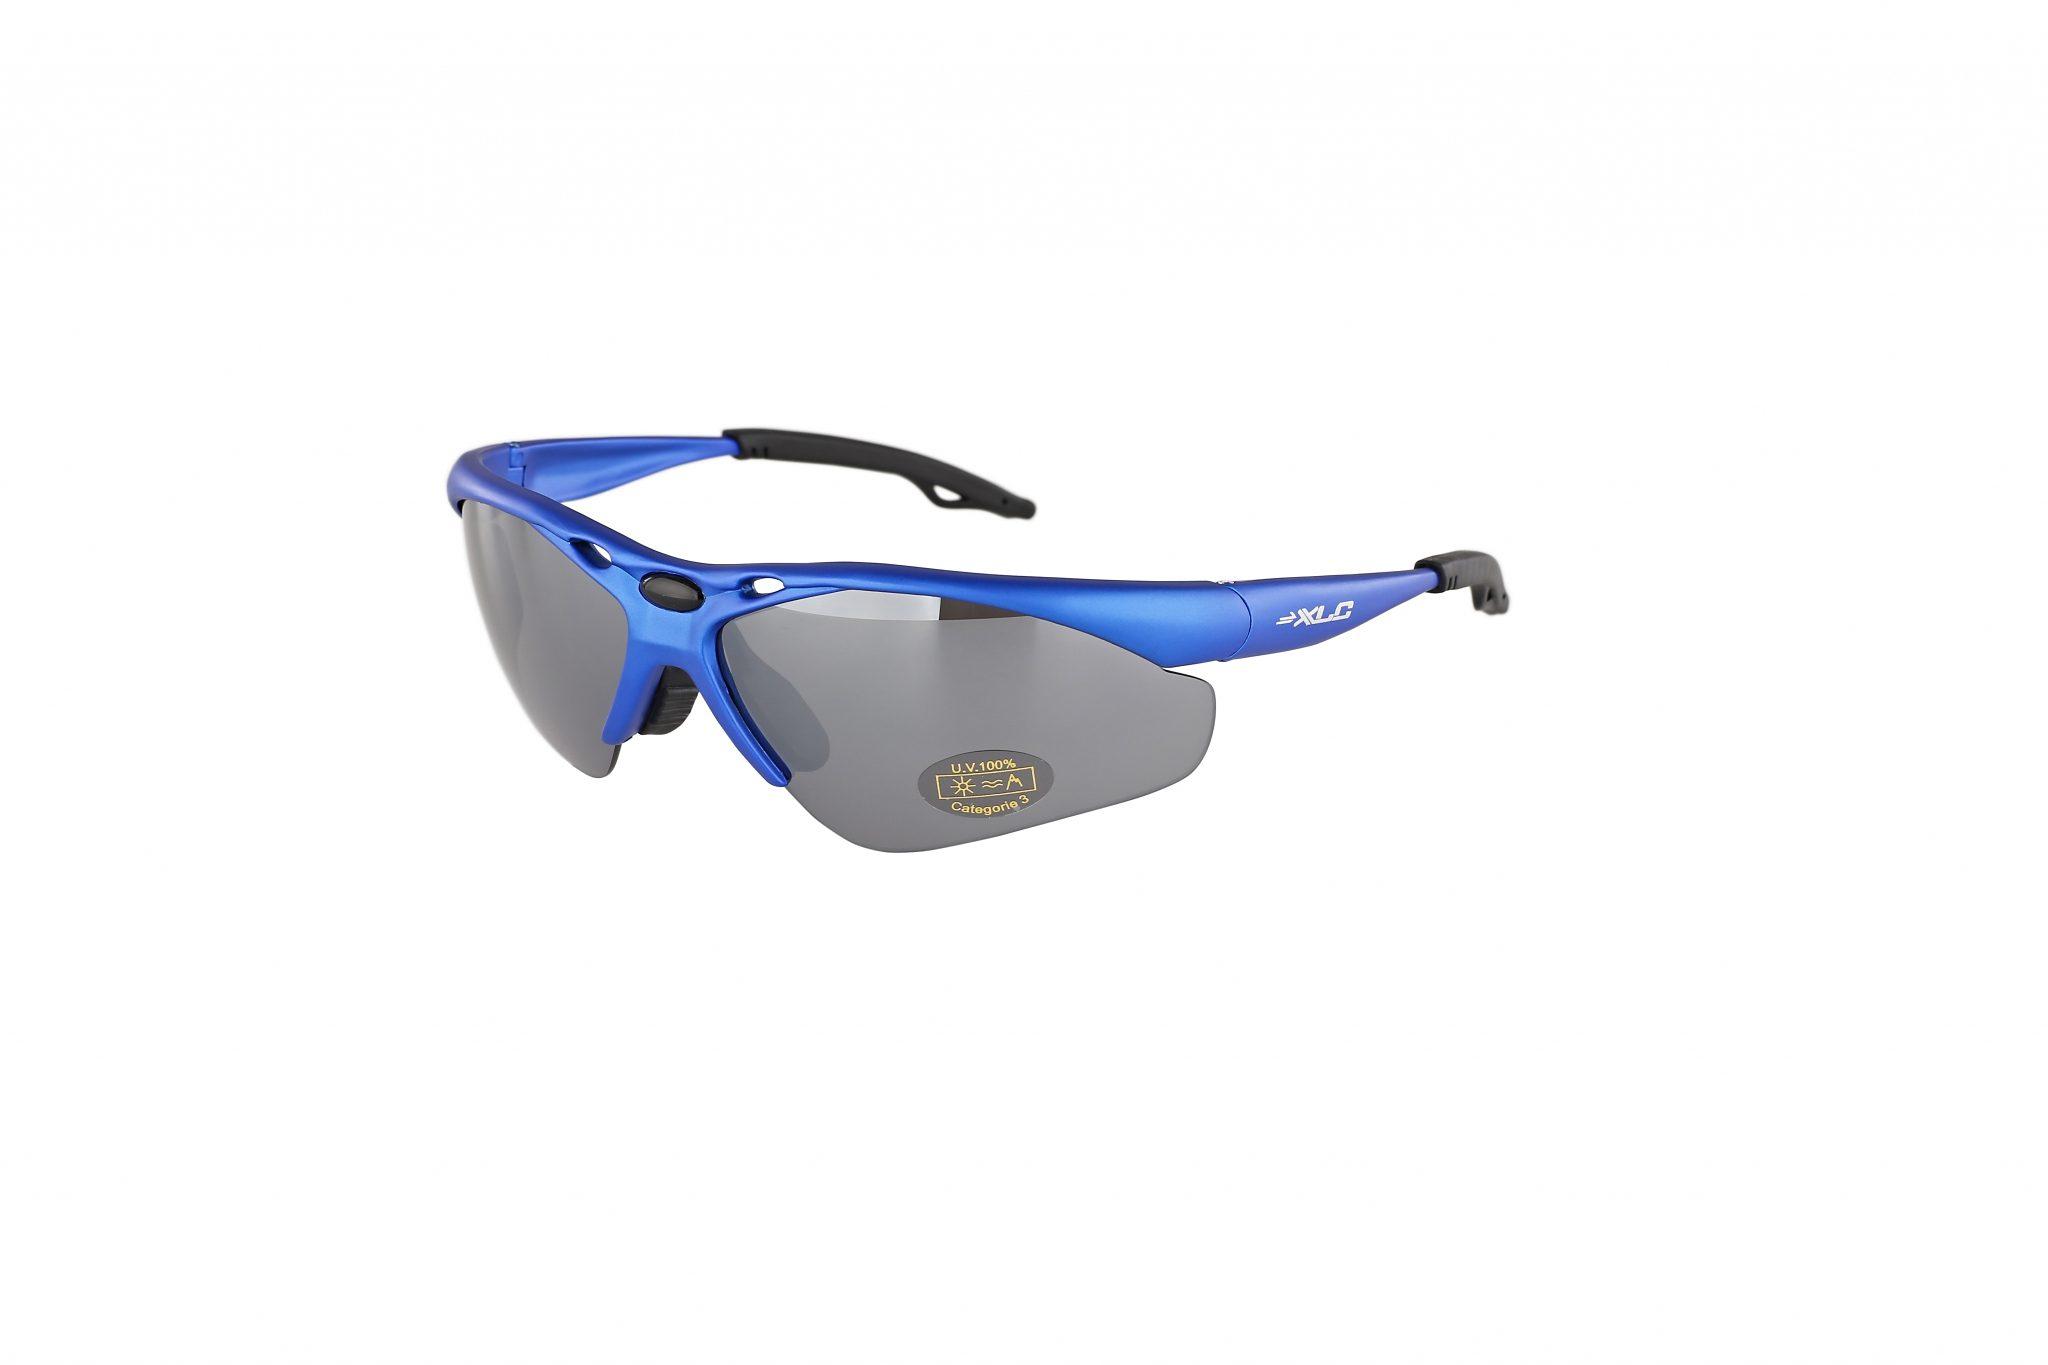 XLC Radsportbrille »Tahiti SG-C02 Sonnenbrille«